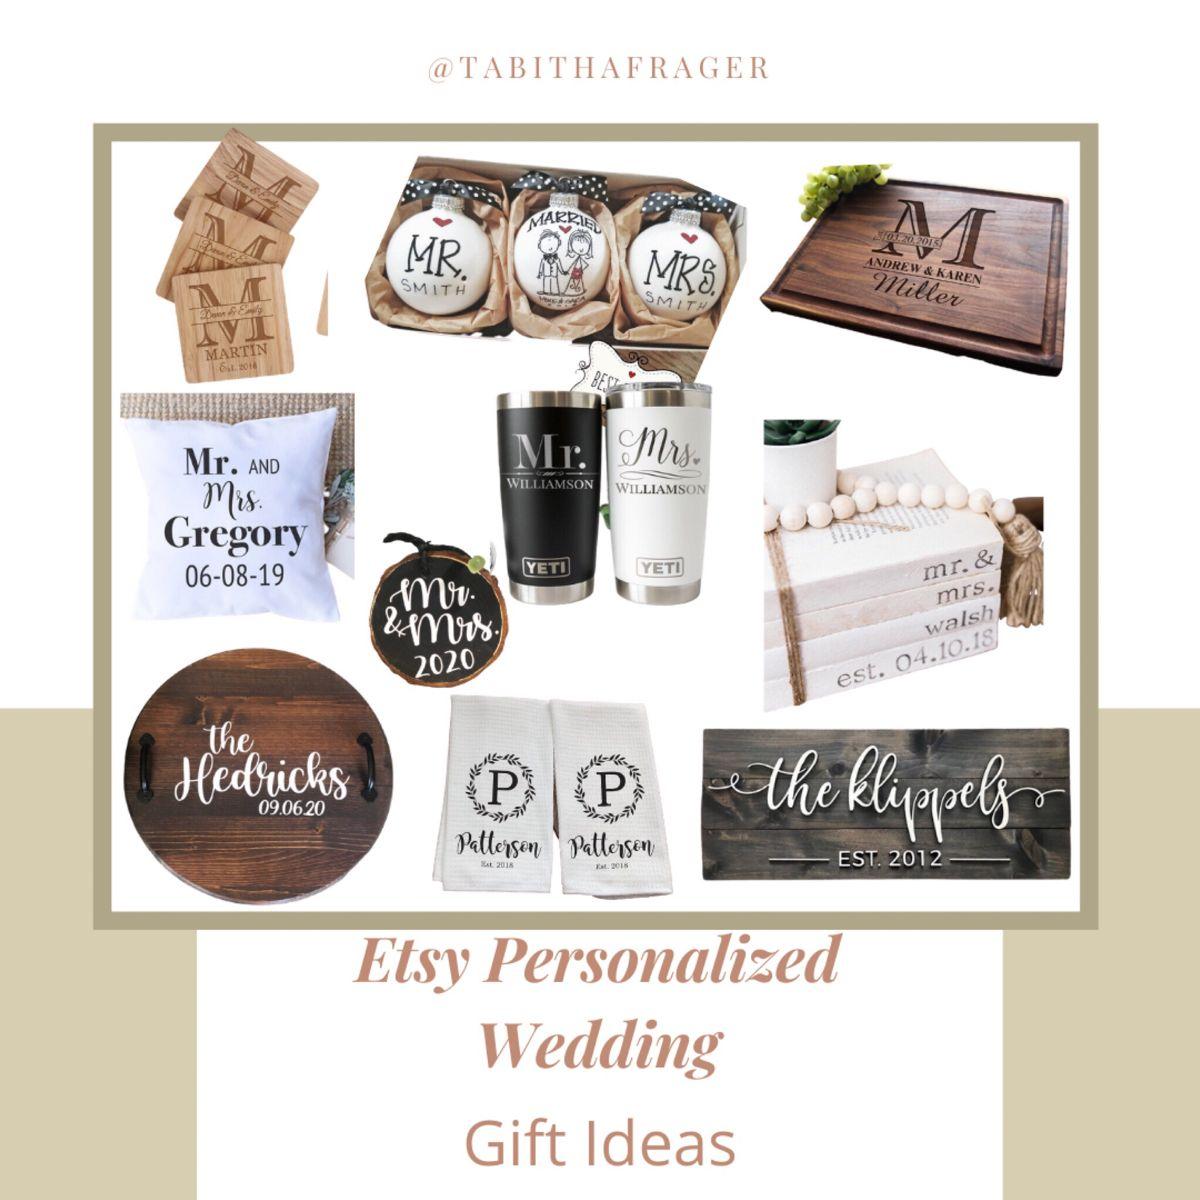 Etsy wedding gift ideas. Personalized wedding gifts, Etsy